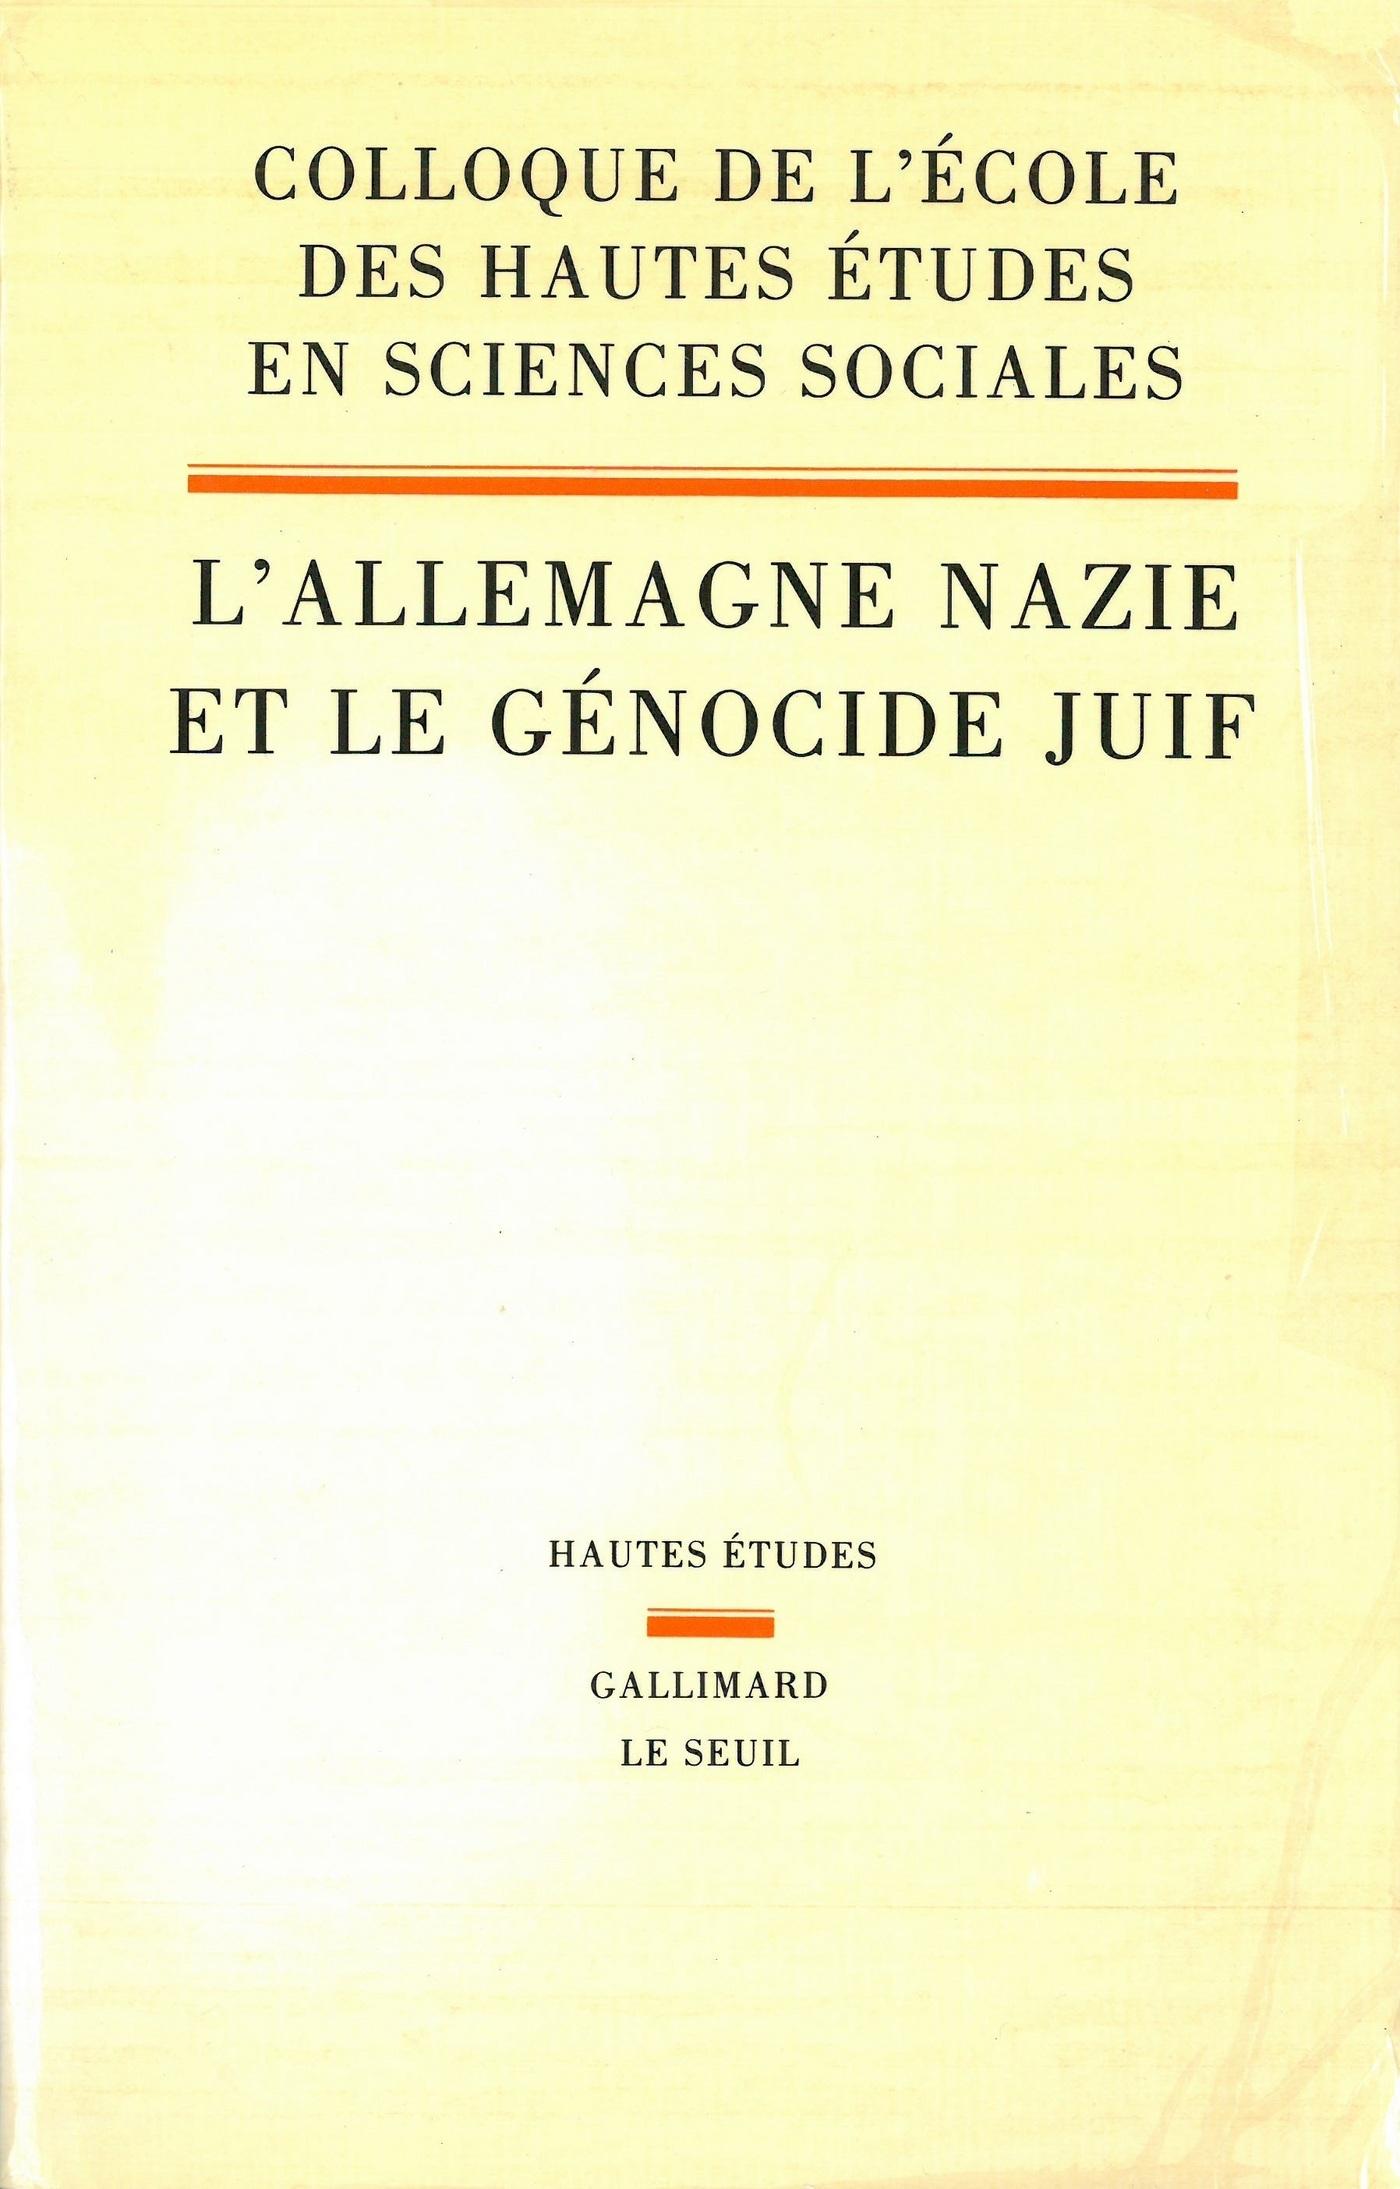 L'Allemagne nazie et le Génocide juif